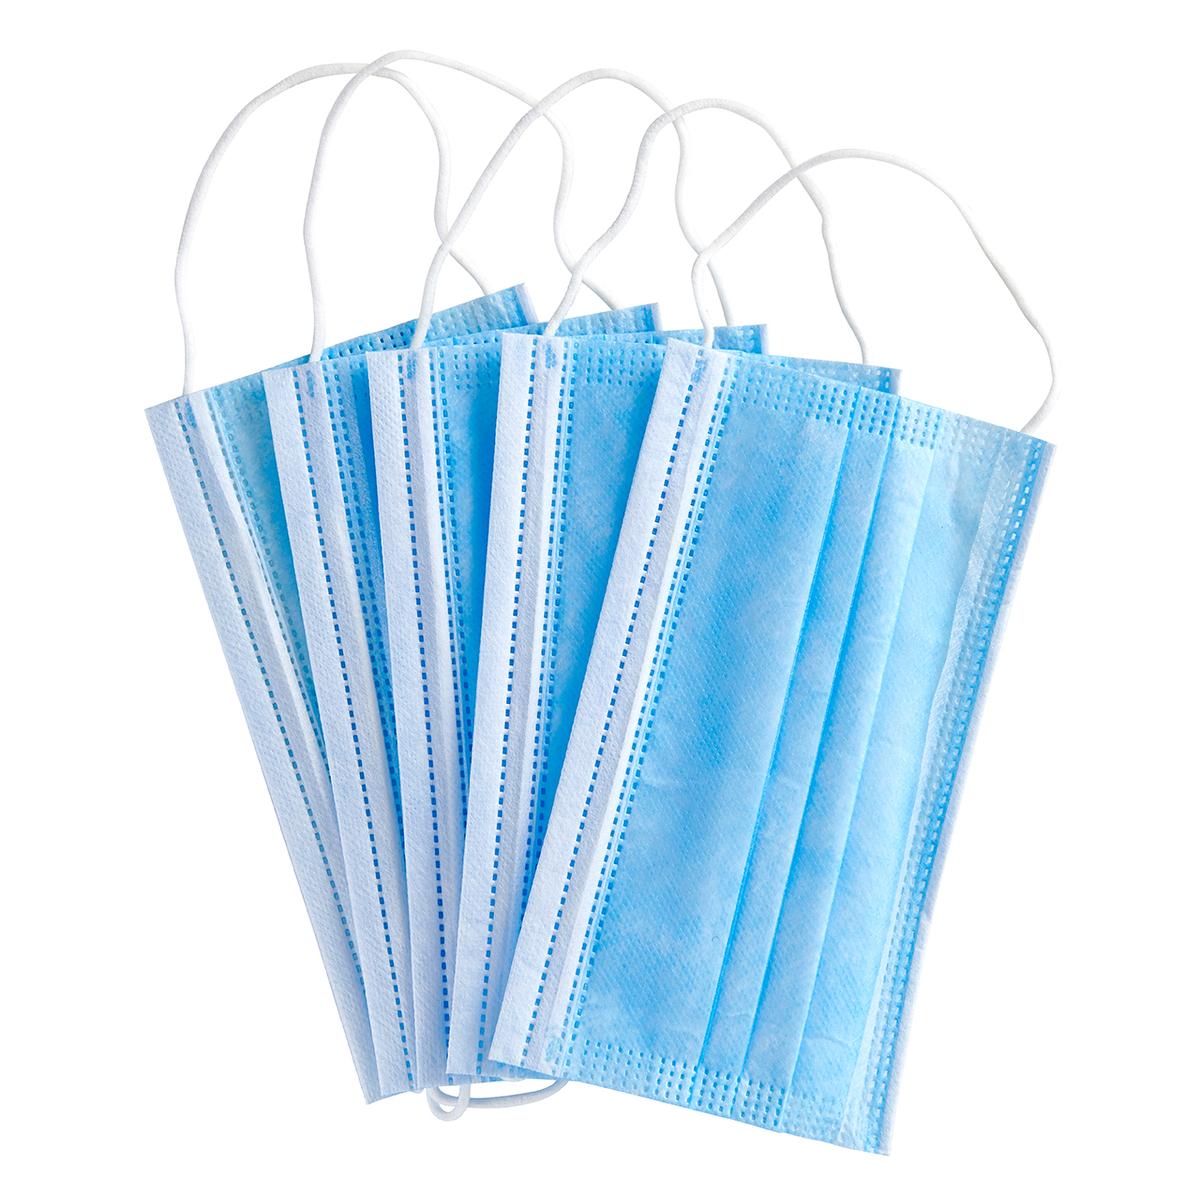 Bild 5 von MEIRUN Atemschutzmaske 50er Pack